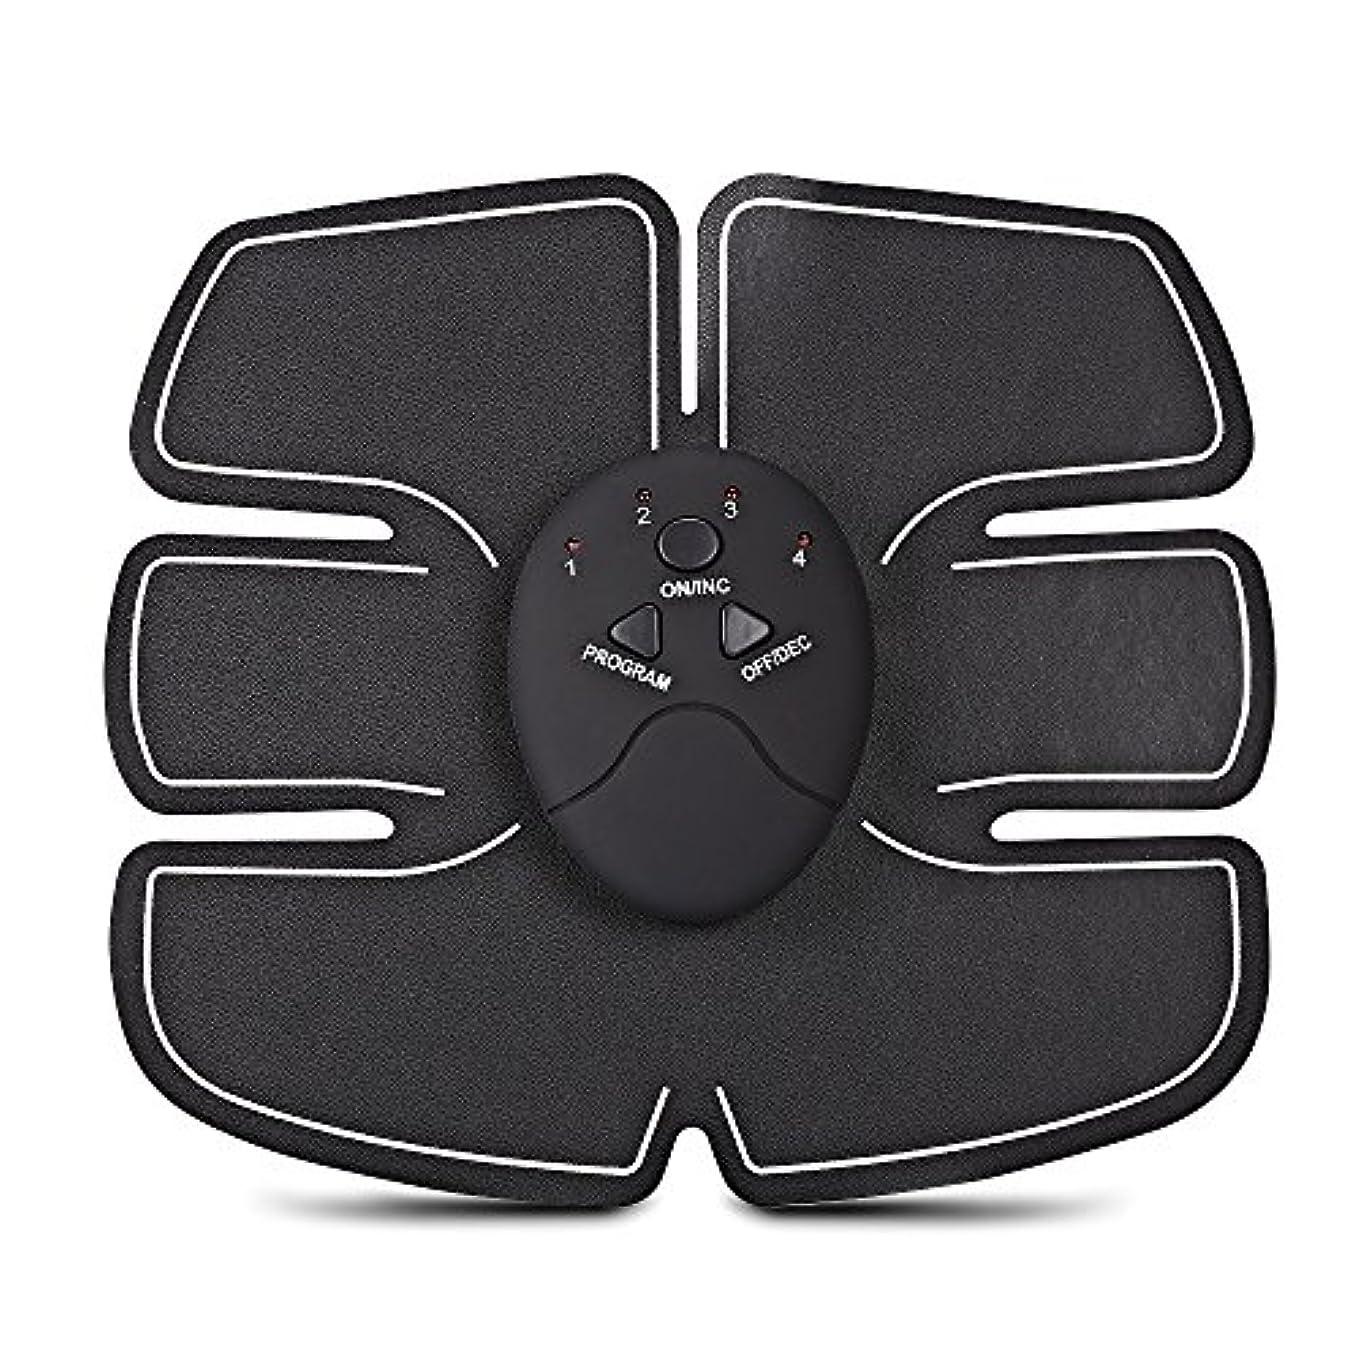 出版元気伸ばす自転車ホルダー バイクスマホホルダー 自転車携帯電話ホルダー マウンテンバイク 鷹爪携帯電話ホルダー 転落防止 360°回転できる 3.5~6.5インチのiPhone、AndroidスマートフォンやGPS設備に適応する